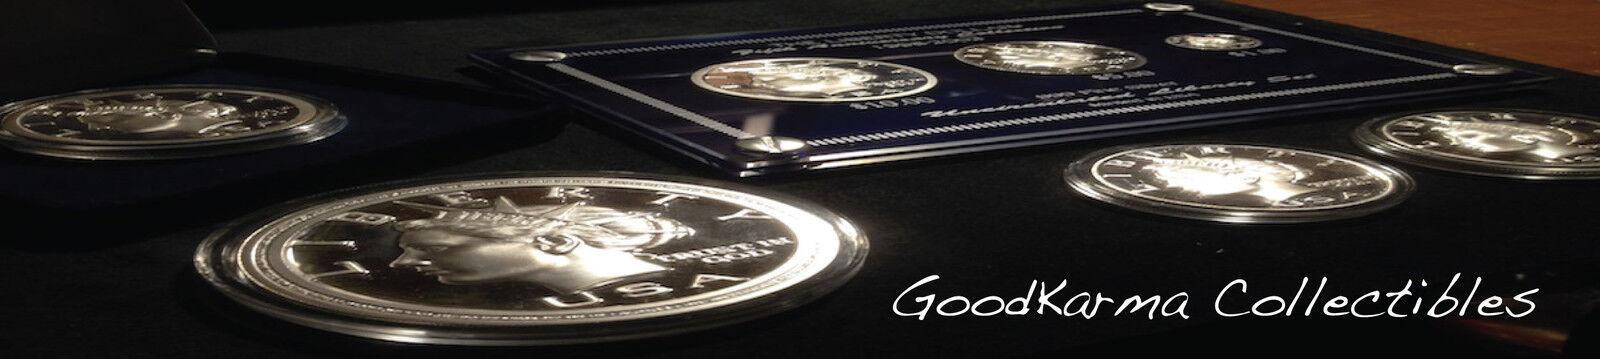 GoodKarma Collectibles